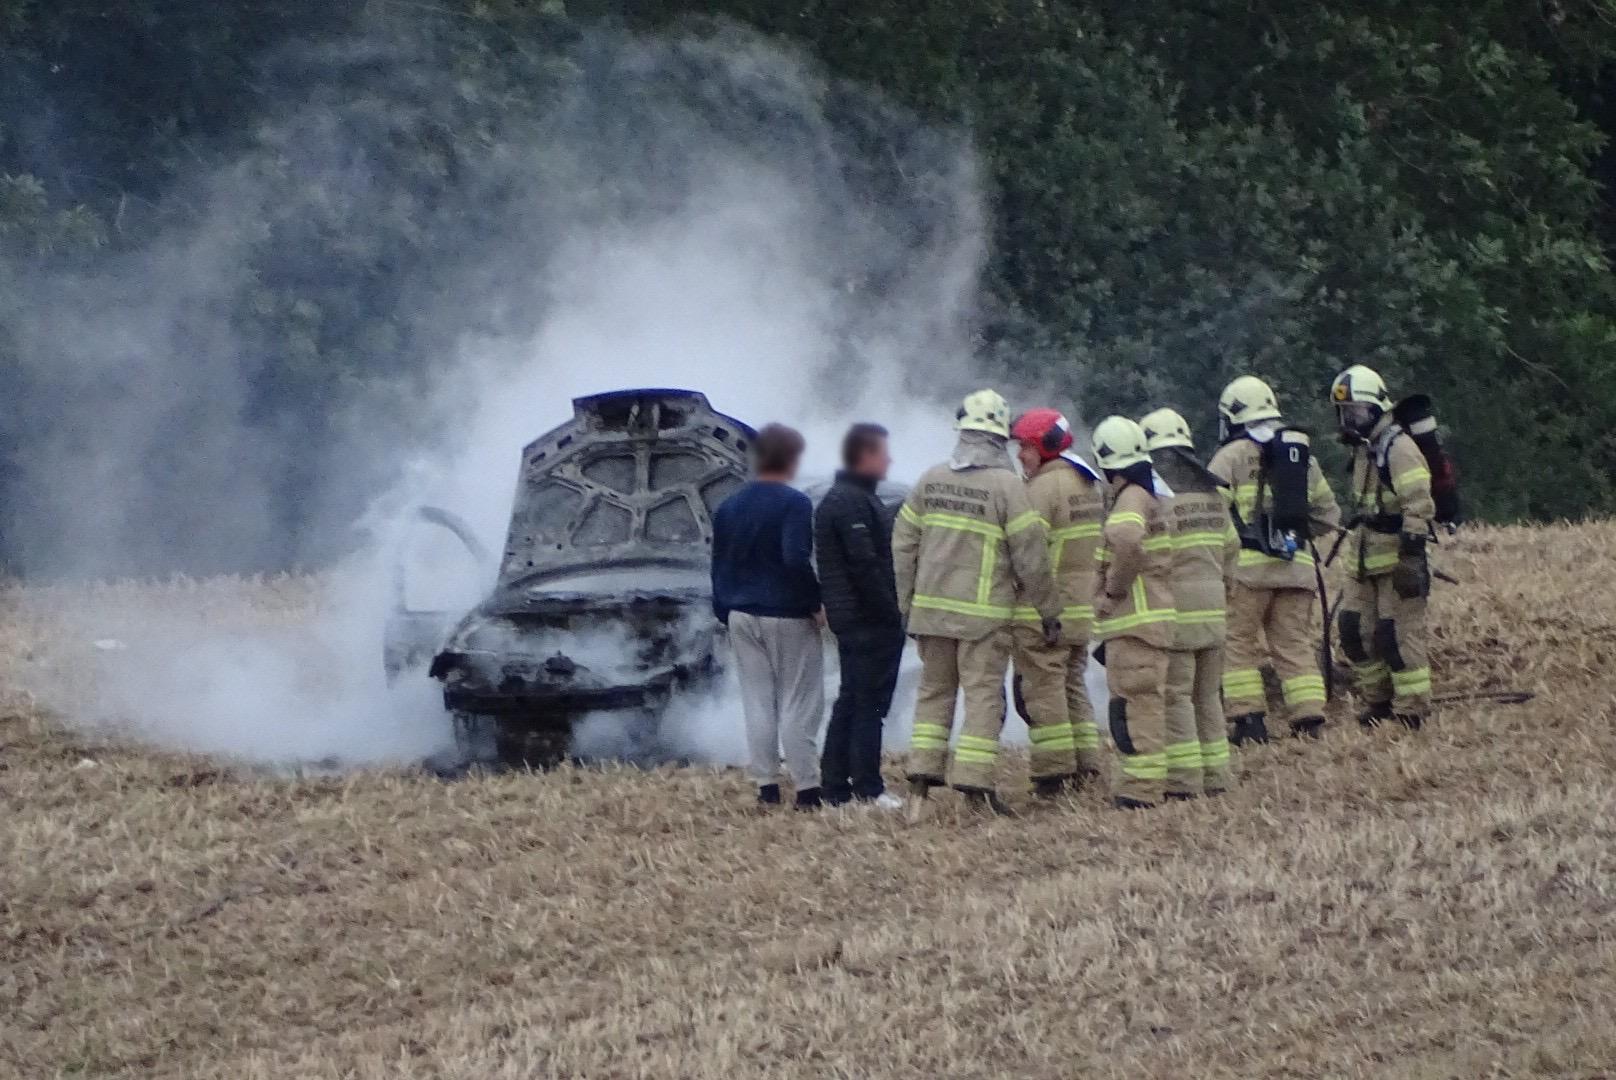 Bilbrand i Solbjerg - bil brudt i brand på mark